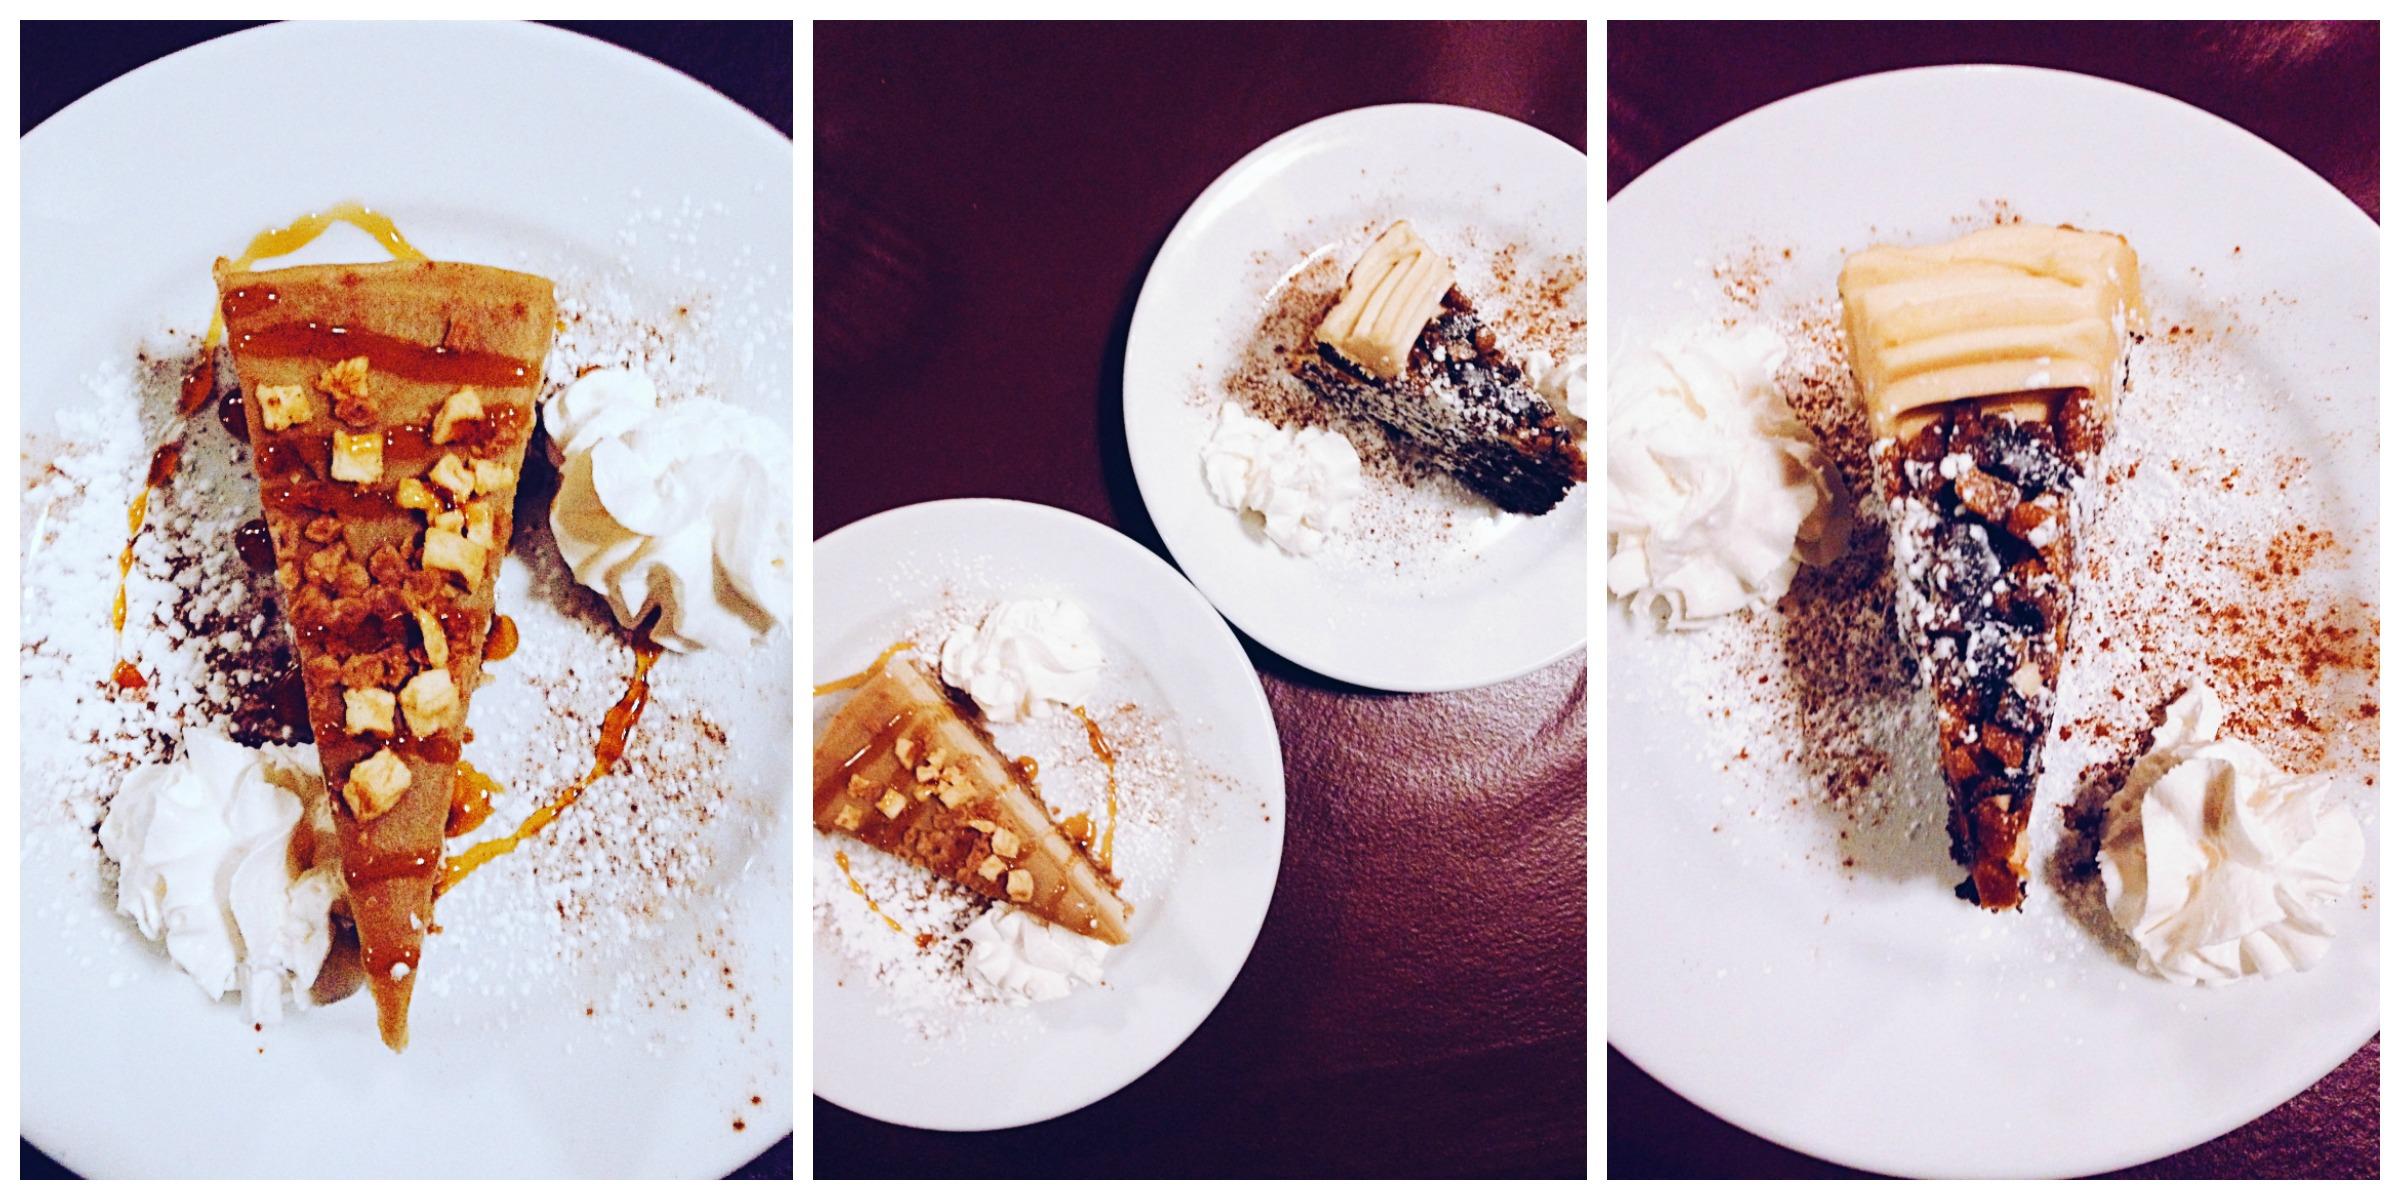 http://www.justbeingbrooklyn.com/goodbye-cake/